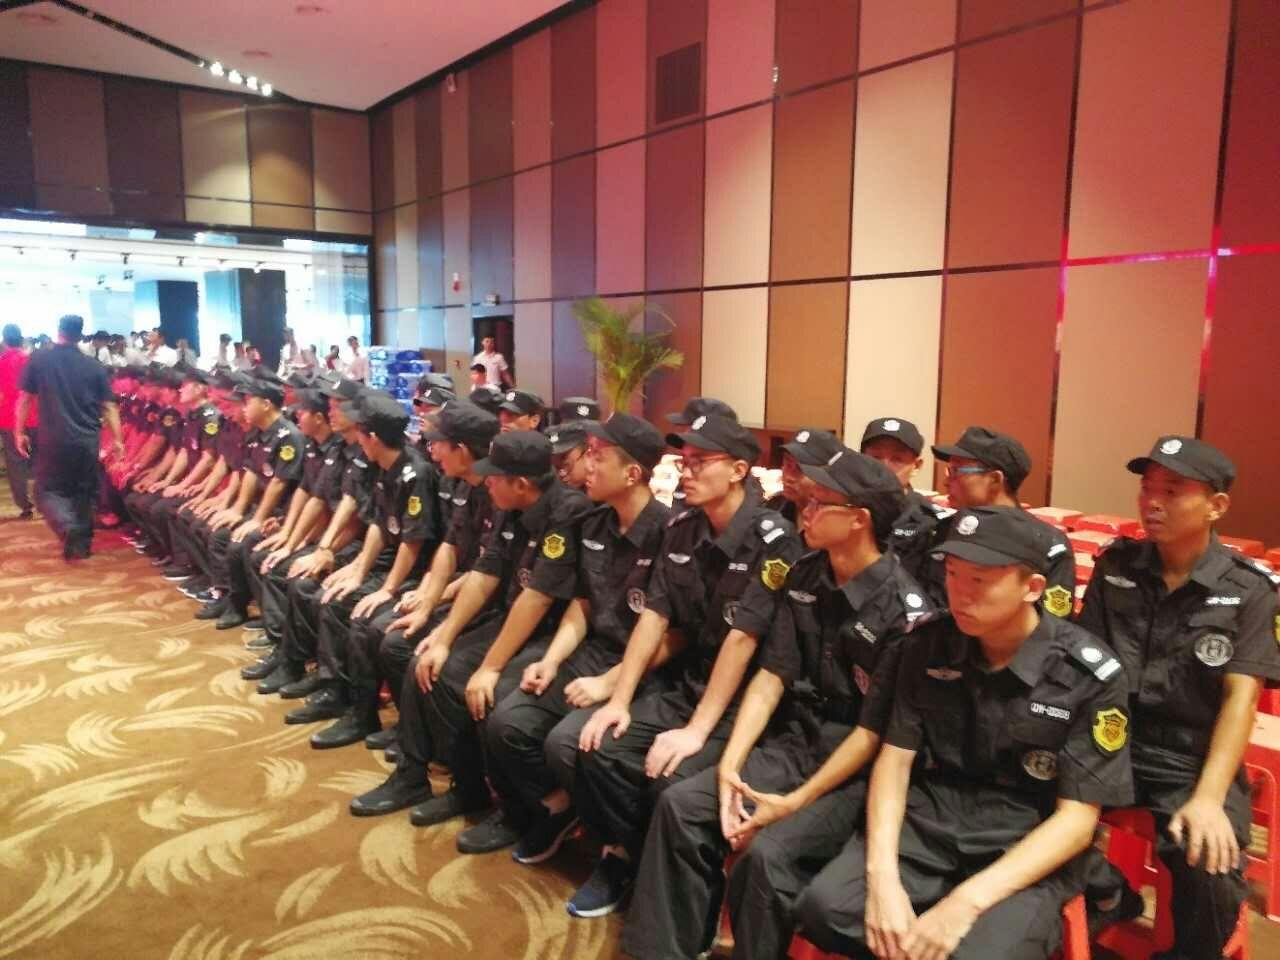 青岛保安公司,加强学校安保工作,提升安保意识